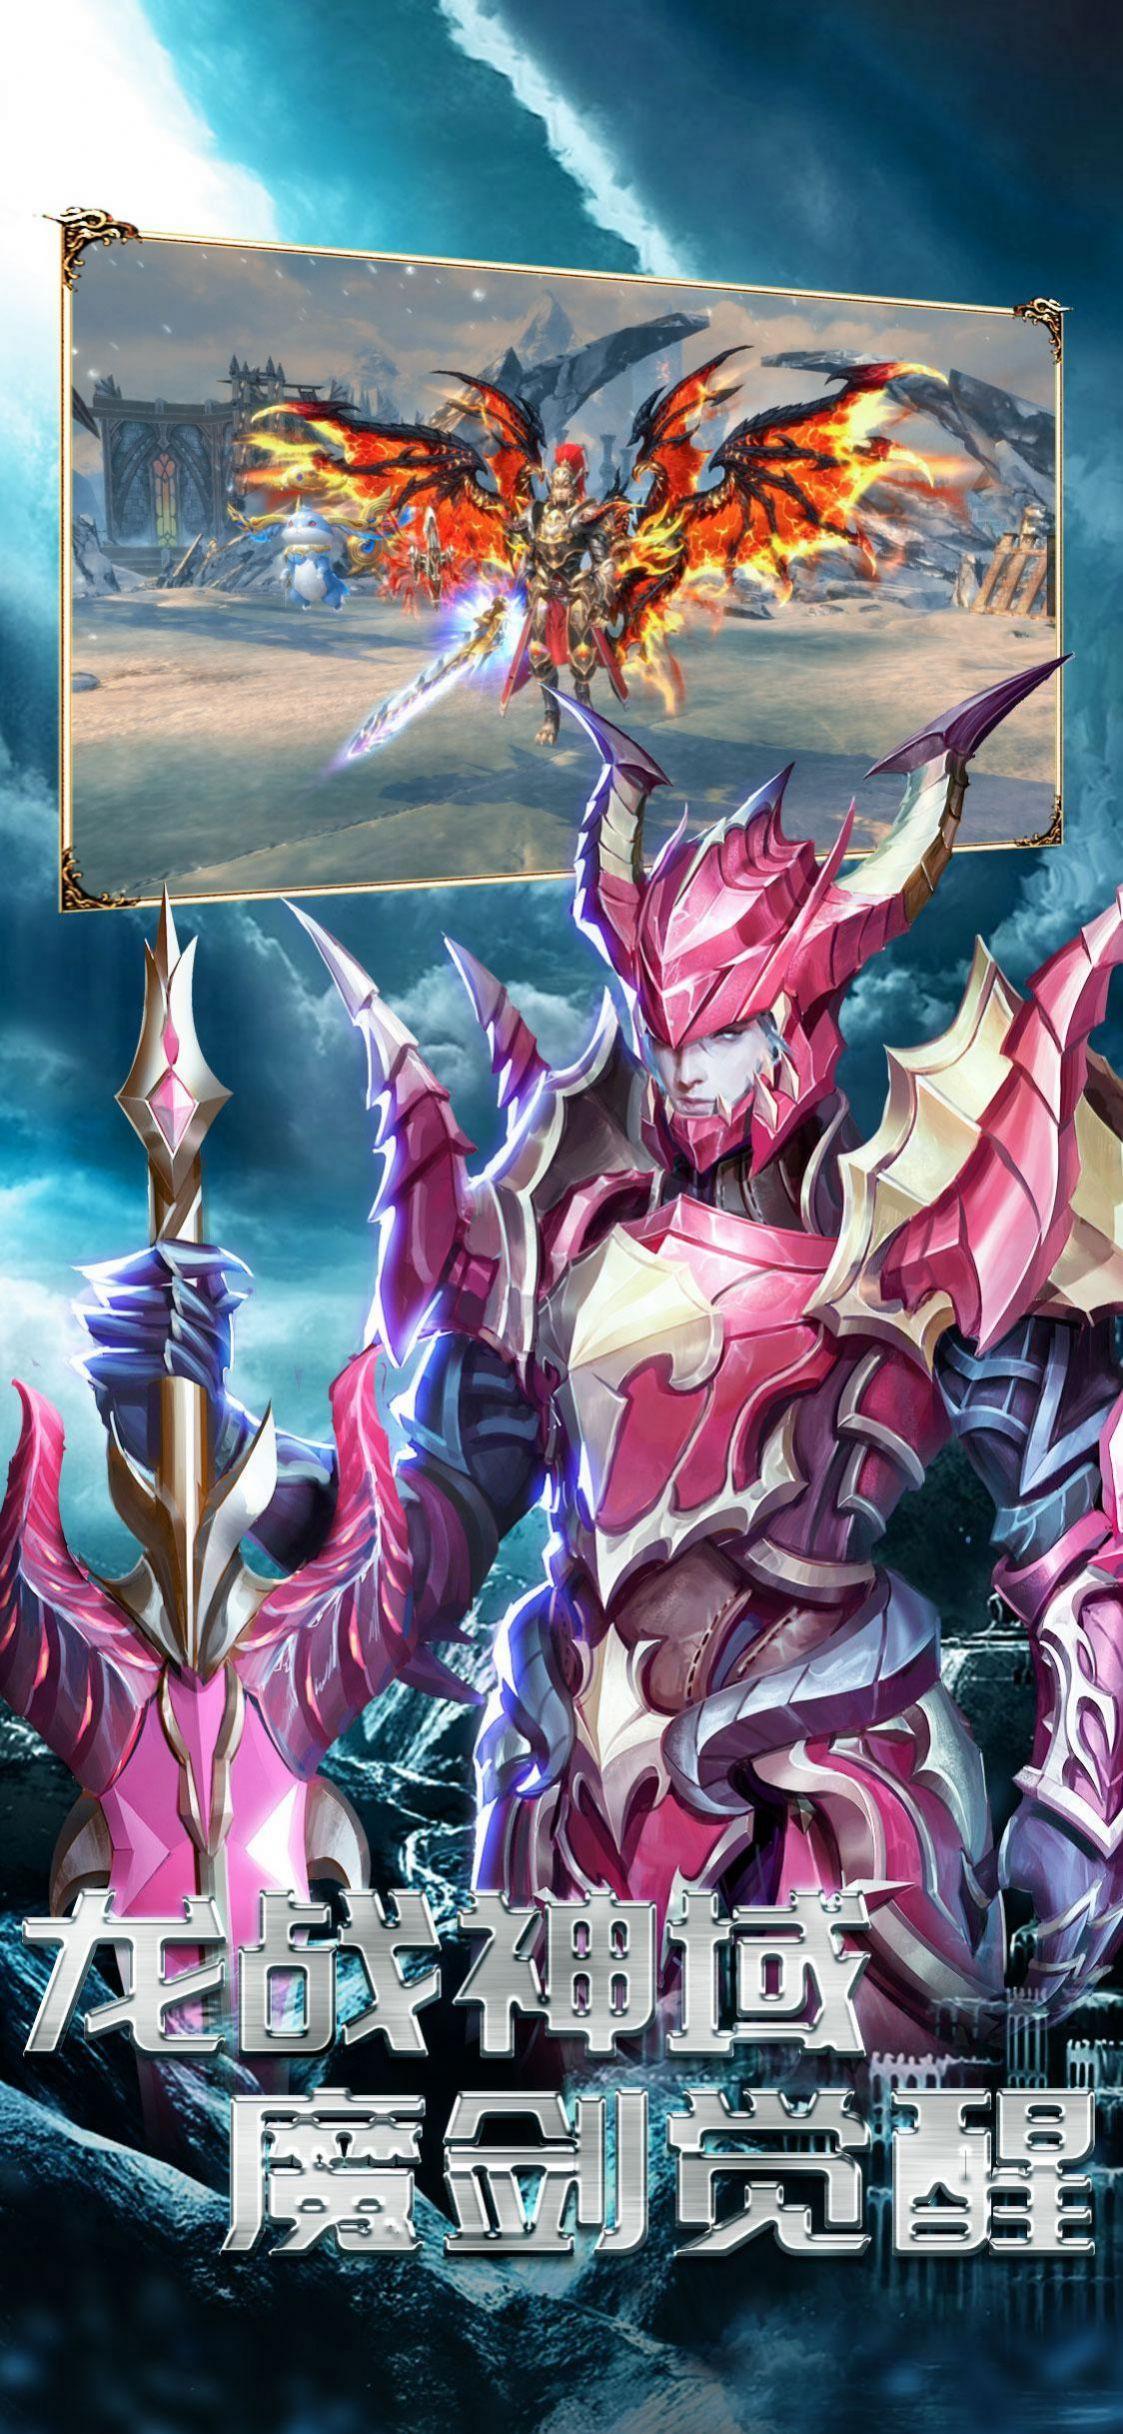 天之痕魔幻骑士手机版_天之痕魔幻骑士安卓版下载